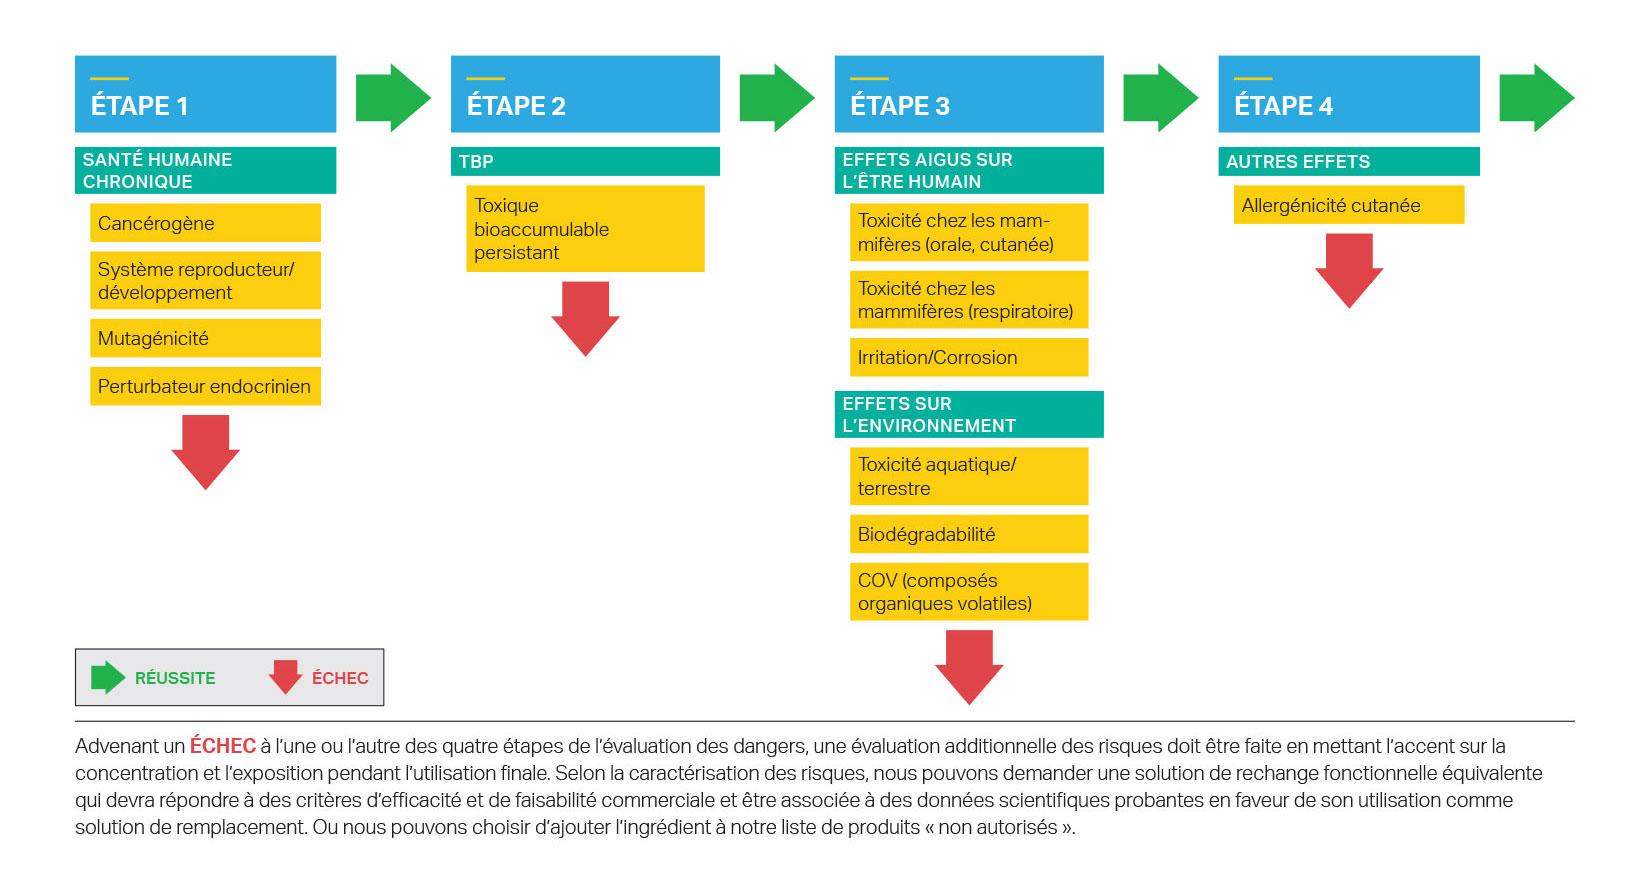 L'évaluation des risques à laquelle les ingrédients des produits de SC Johnson sont soumis comprend quatre étapes.